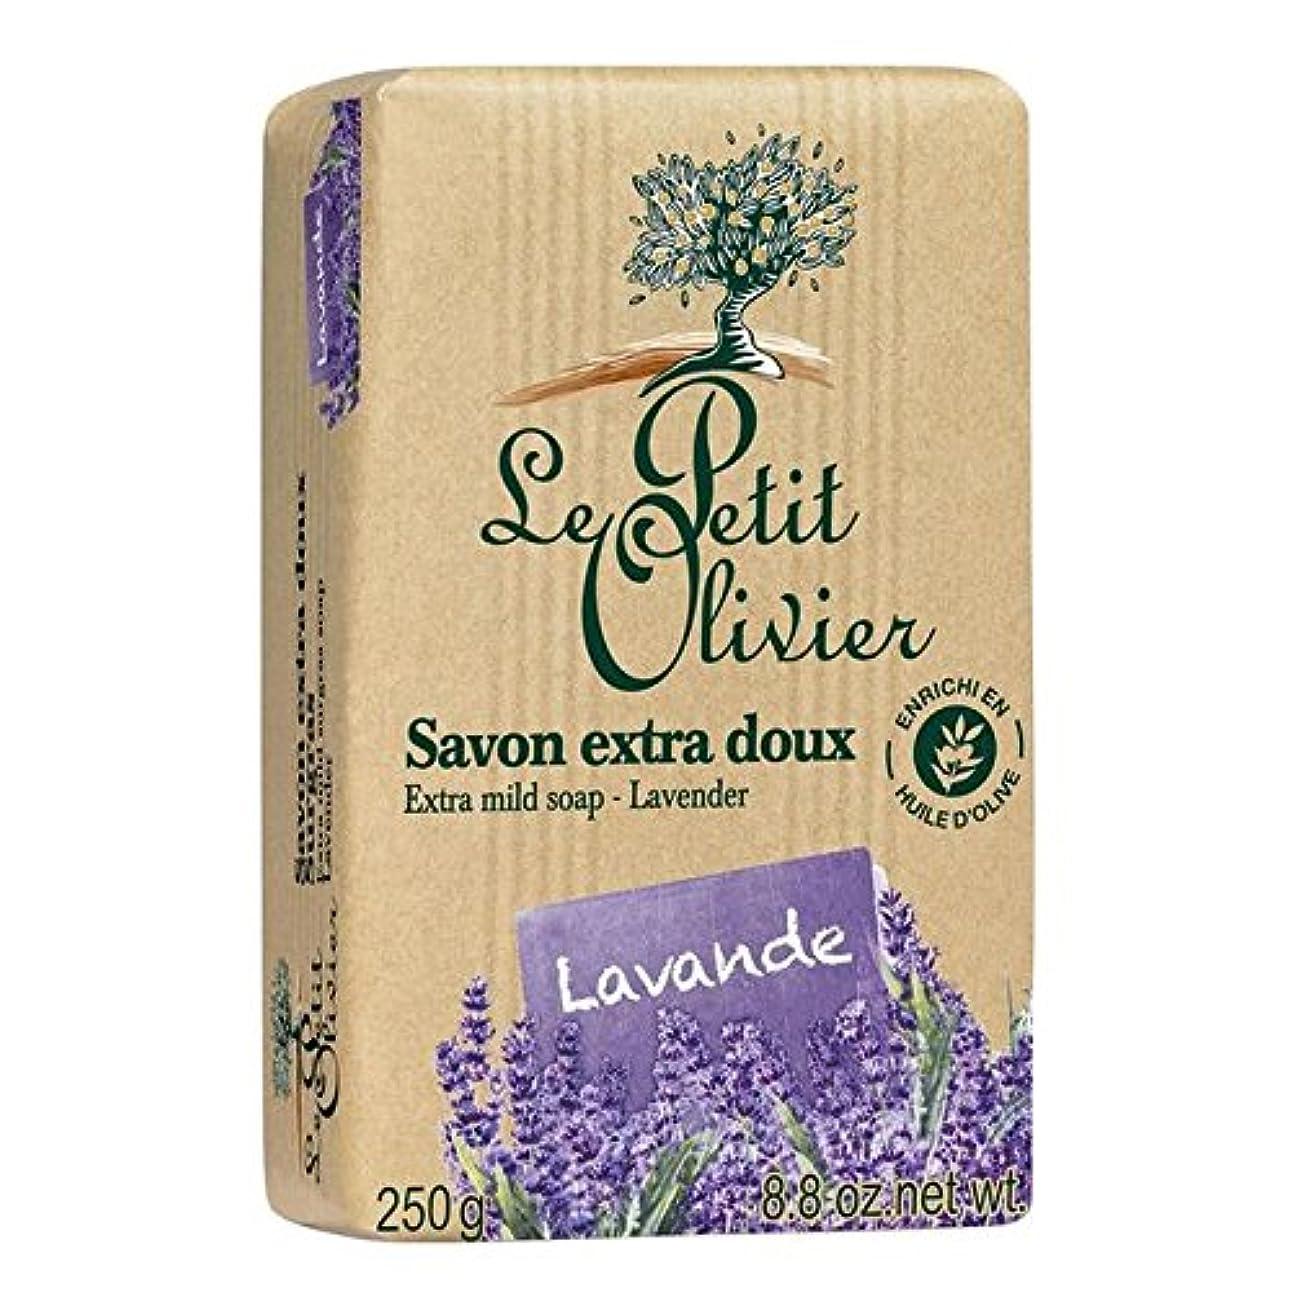 ベリーはがき偏見ル?プティ?オリヴィエ余分な穏やかなラベンダー石鹸250グラム x4 - Le Petit Olivier Extra Mild Lavender Soap 250g (Pack of 4) [並行輸入品]